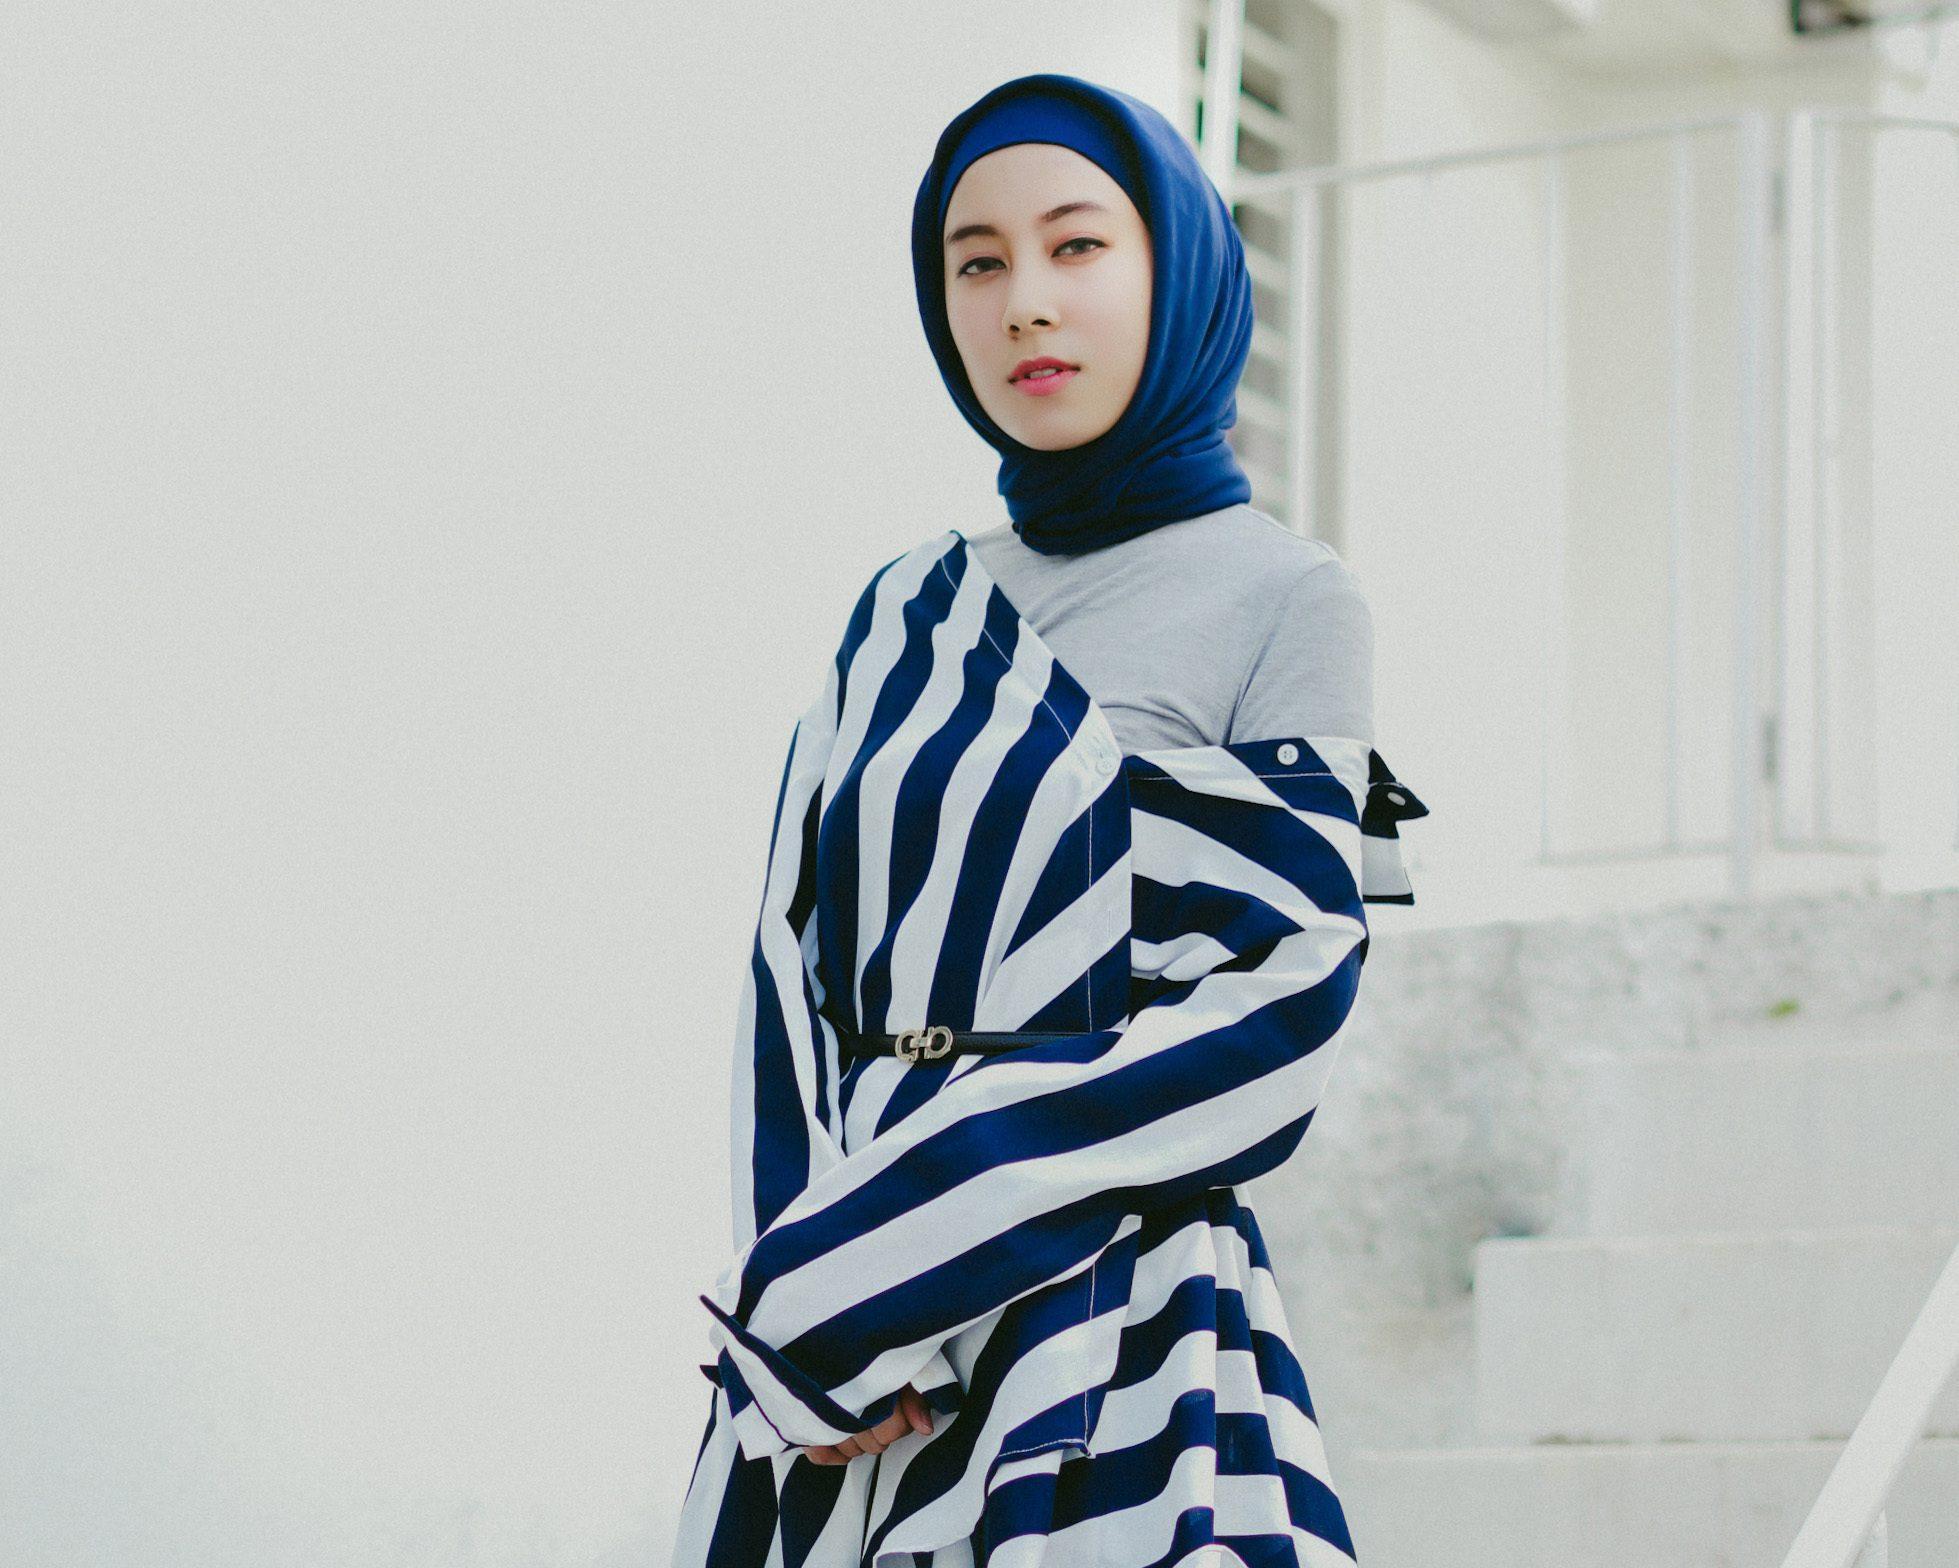 Wanita Asia memakai gaya hijab segi empat